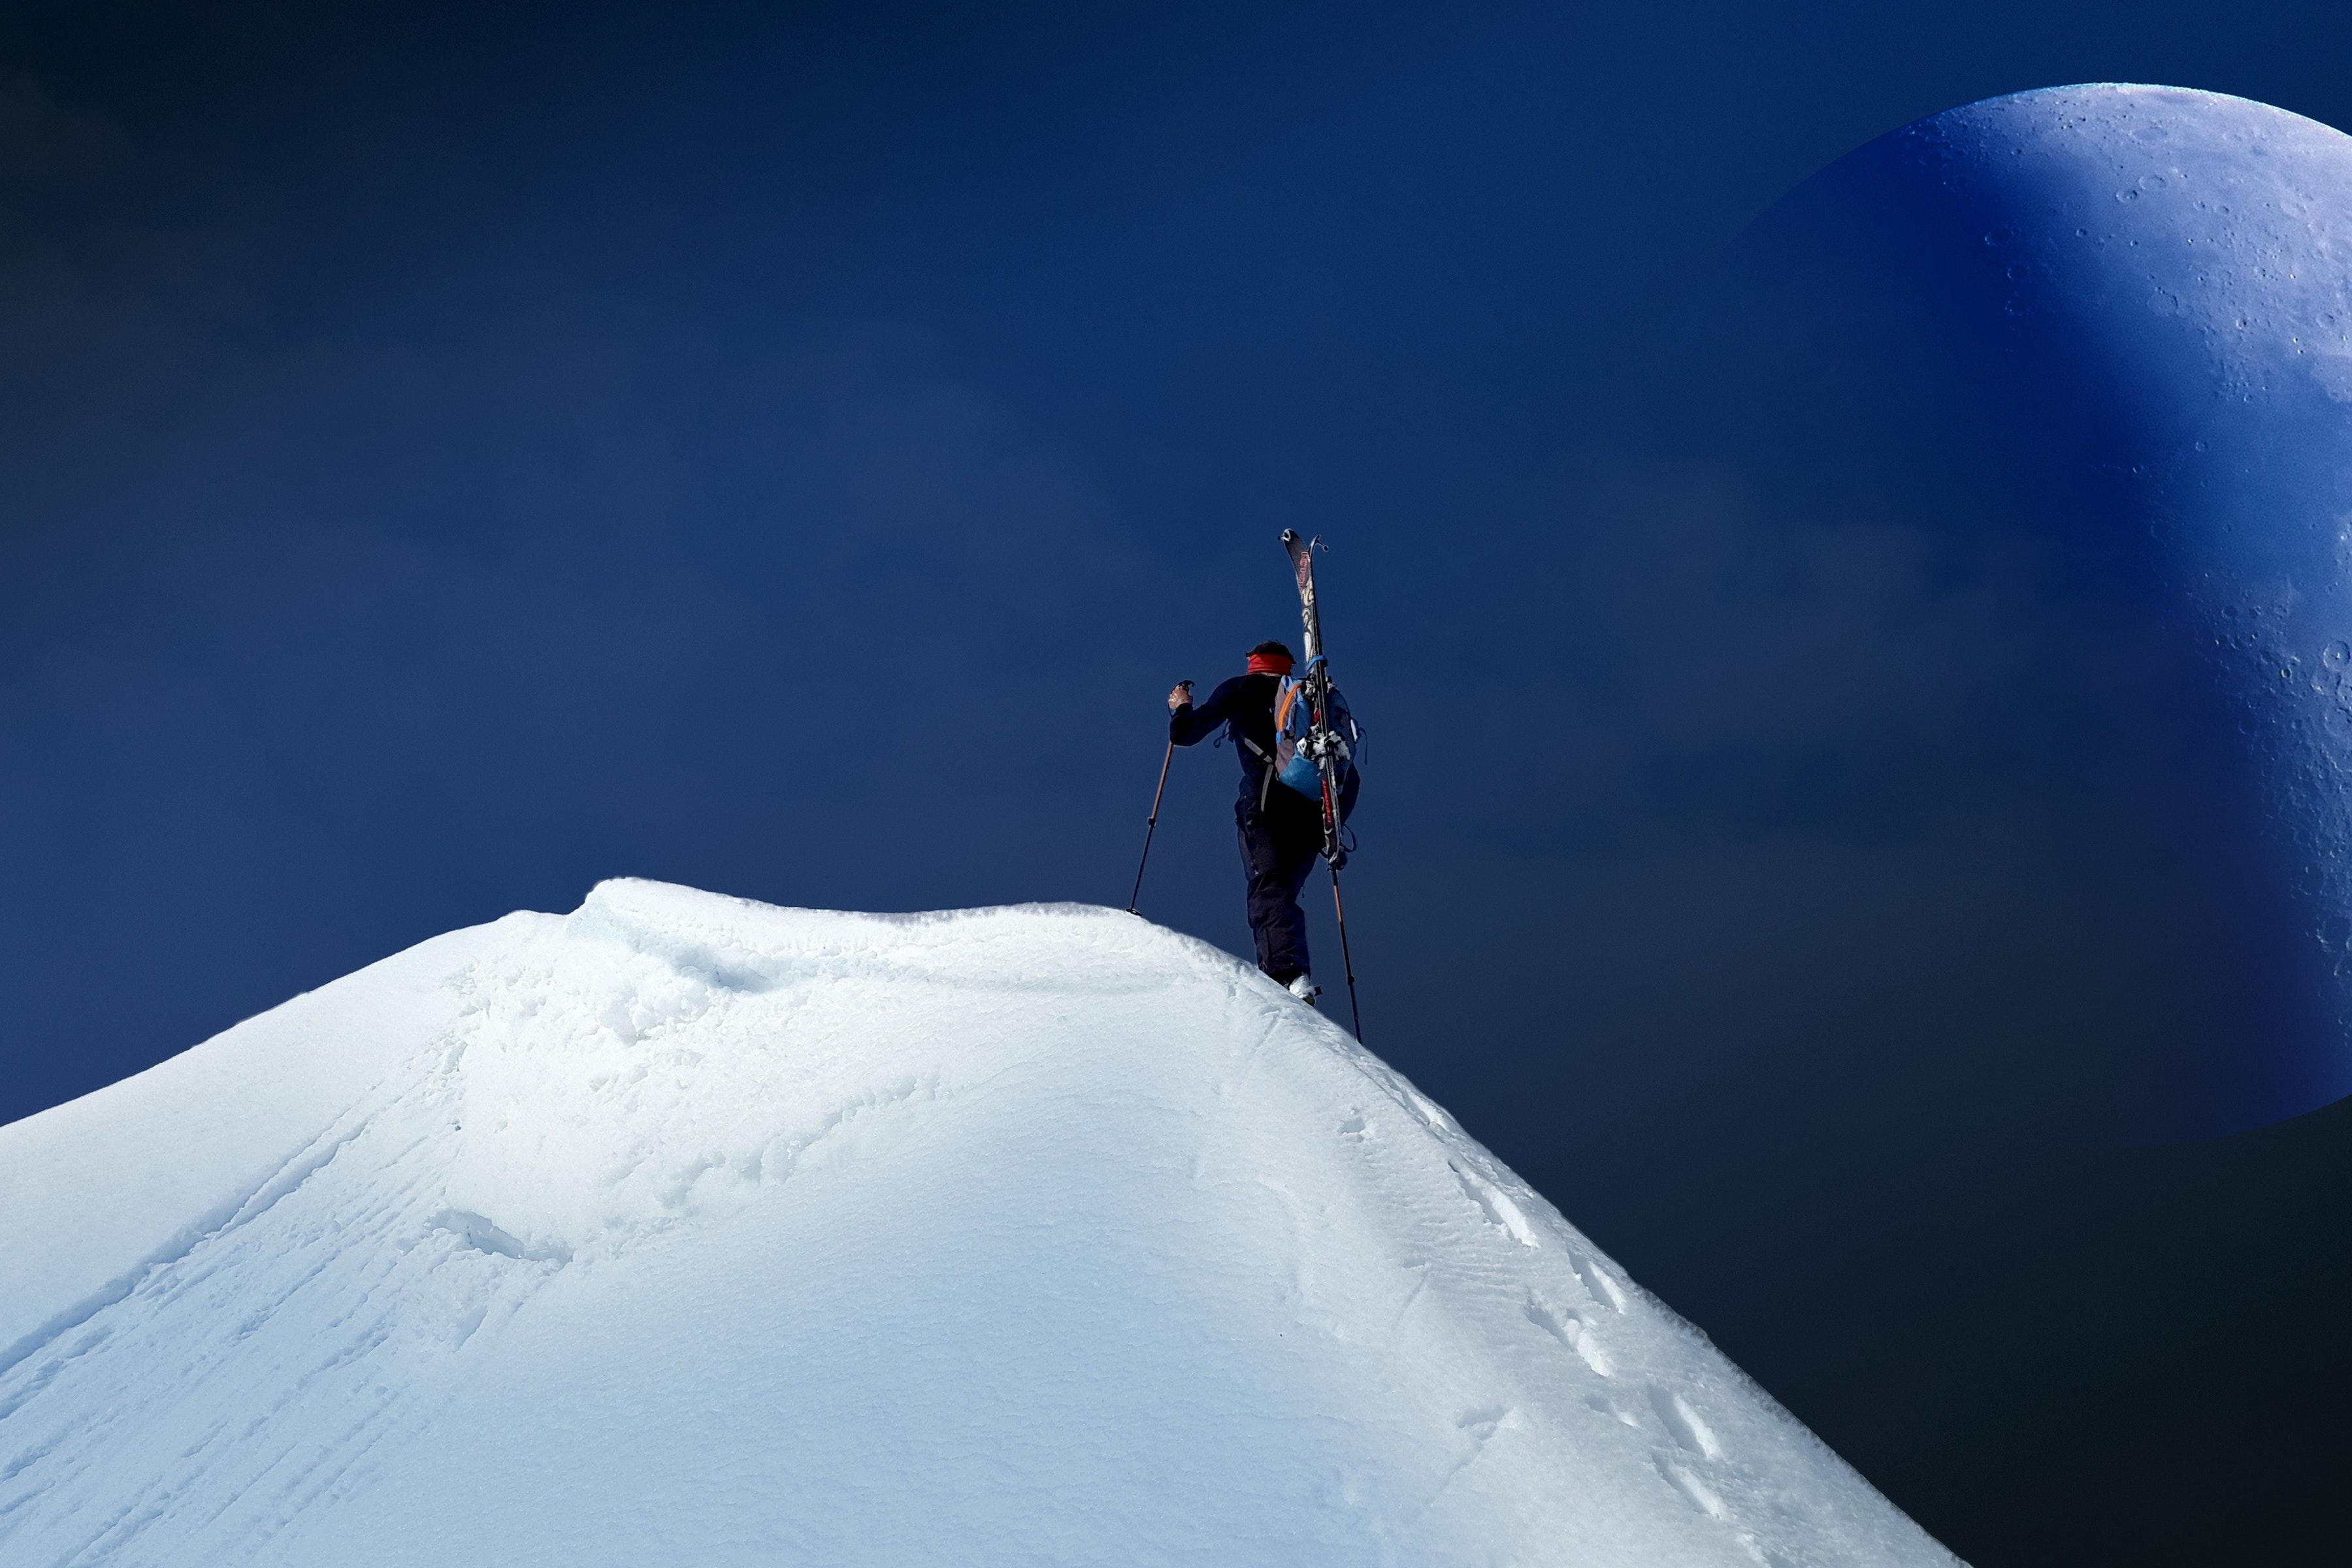 Soziale Phobie - Mensch steigt Berg hoch mit Schnee